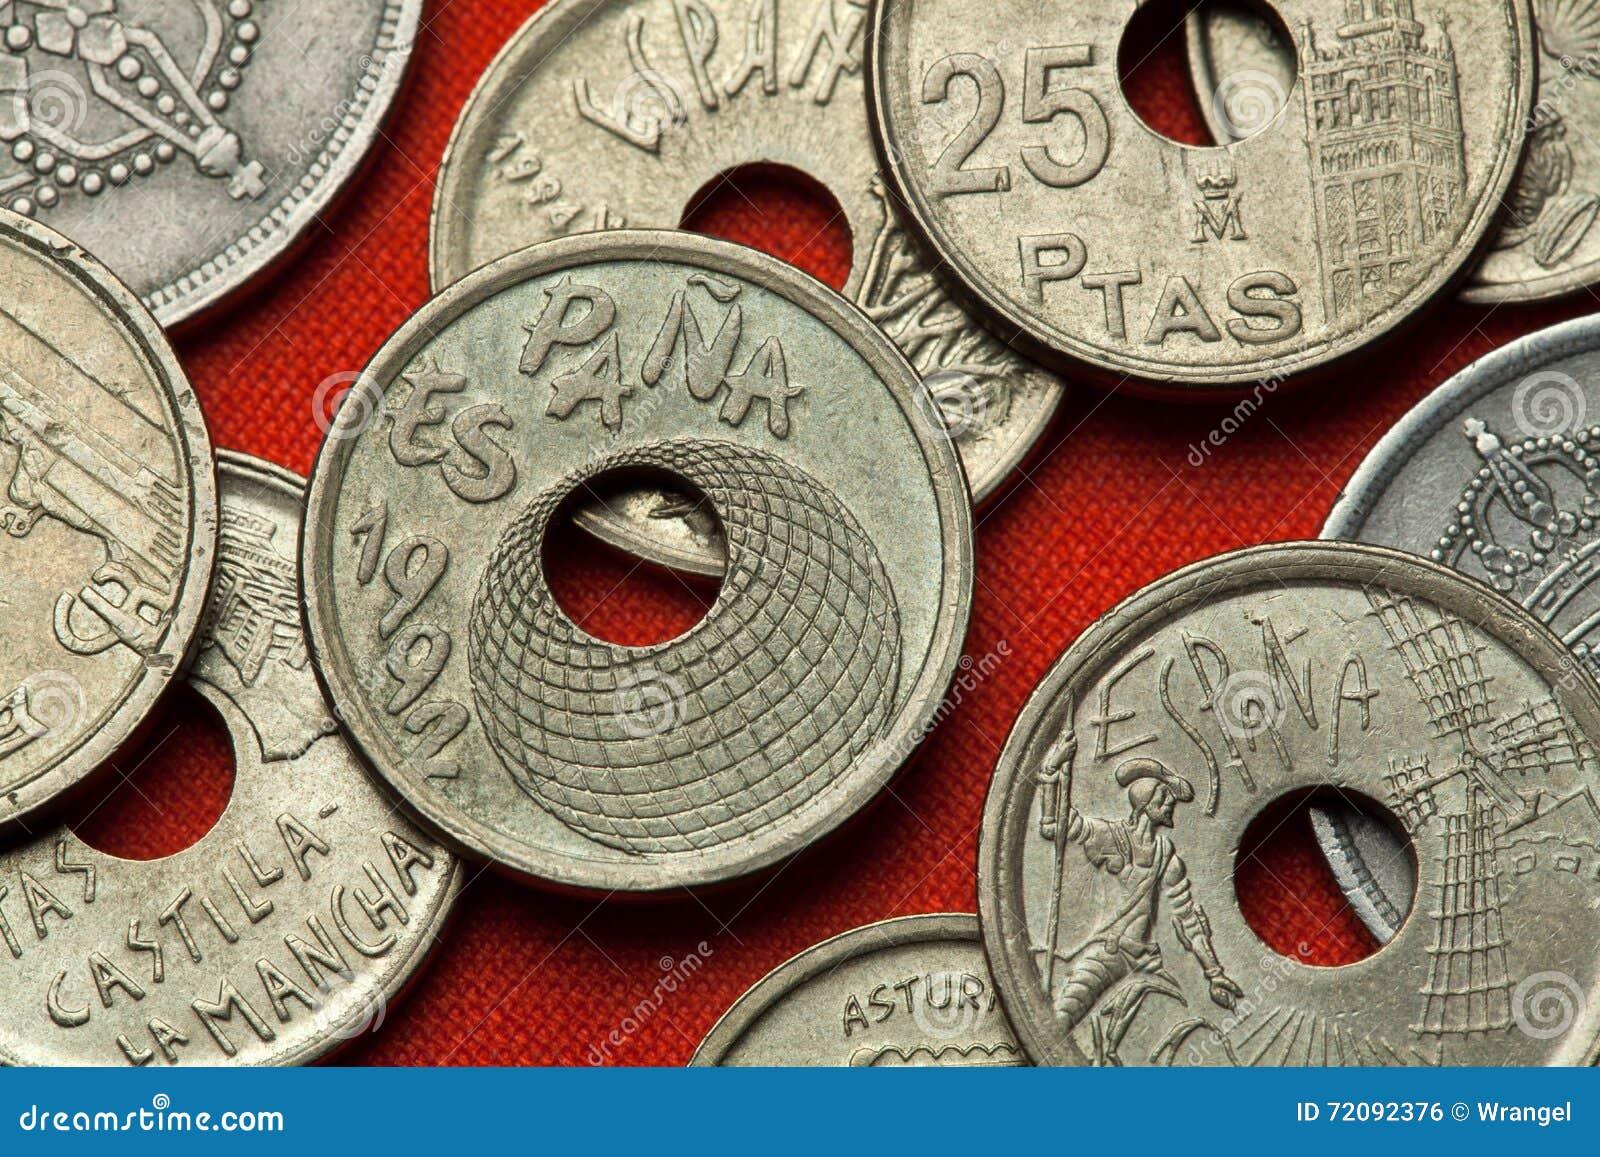 Münzen Von Spanien Sevilla Ausstellung 92 Stockfoto Bild Von Münze